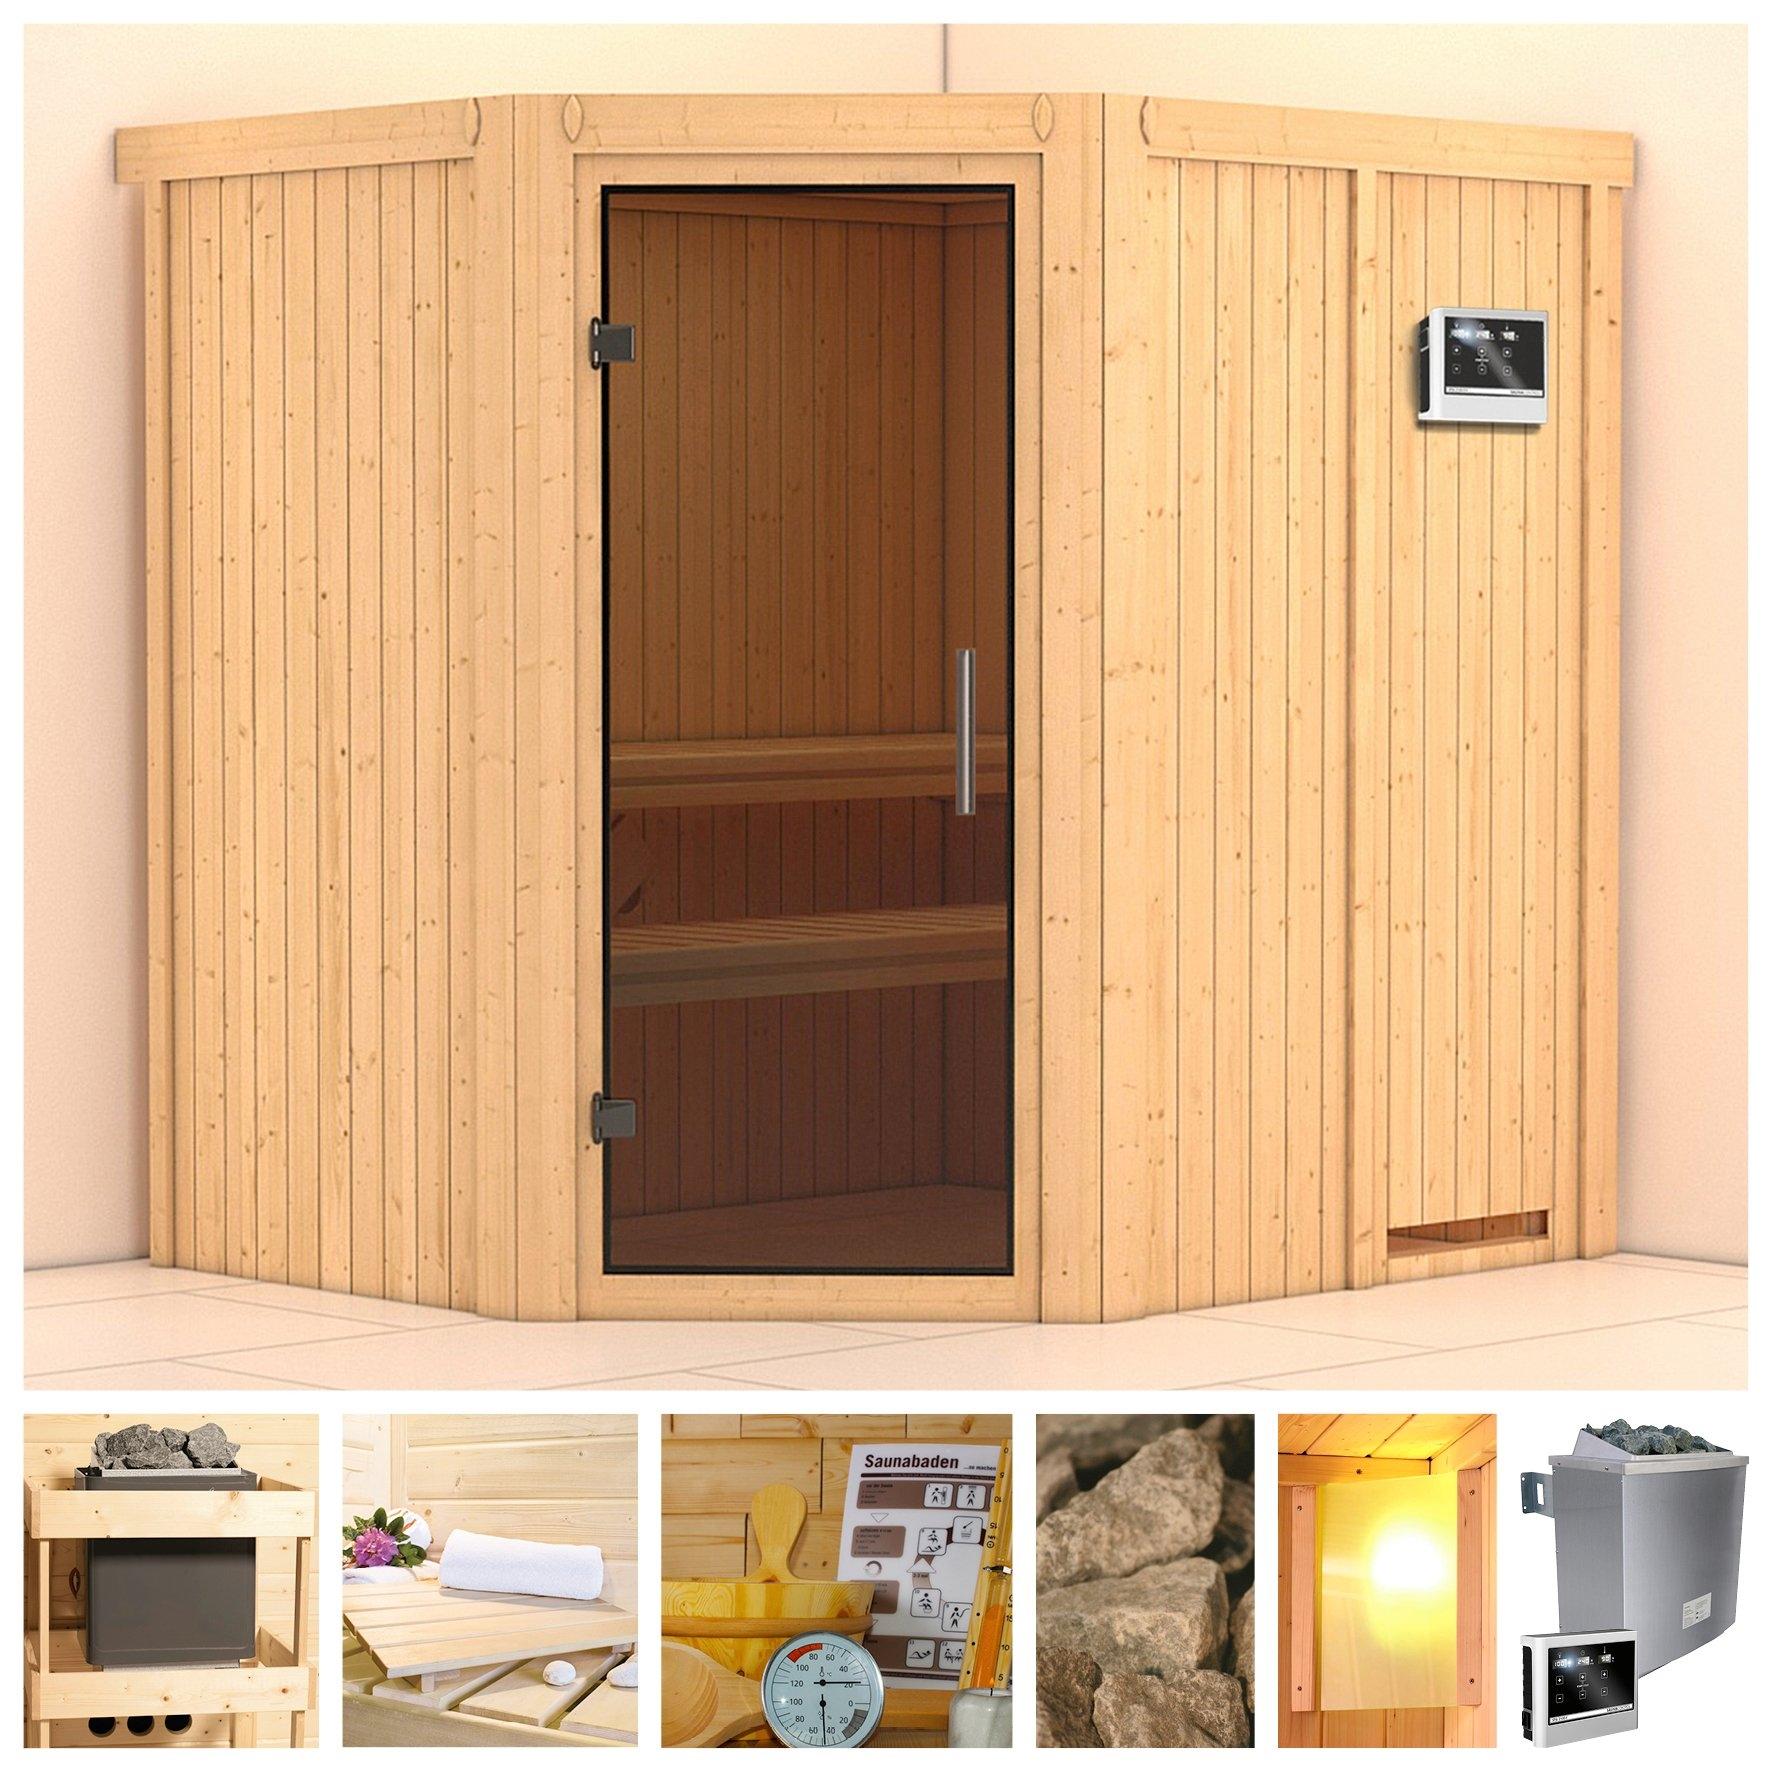 KONIFERA sauna »Siirin«, 196/170/198 cm, 9-kW-Ofen mit ext. Steuerung, Glastür grafit nu online kopen bij OTTO